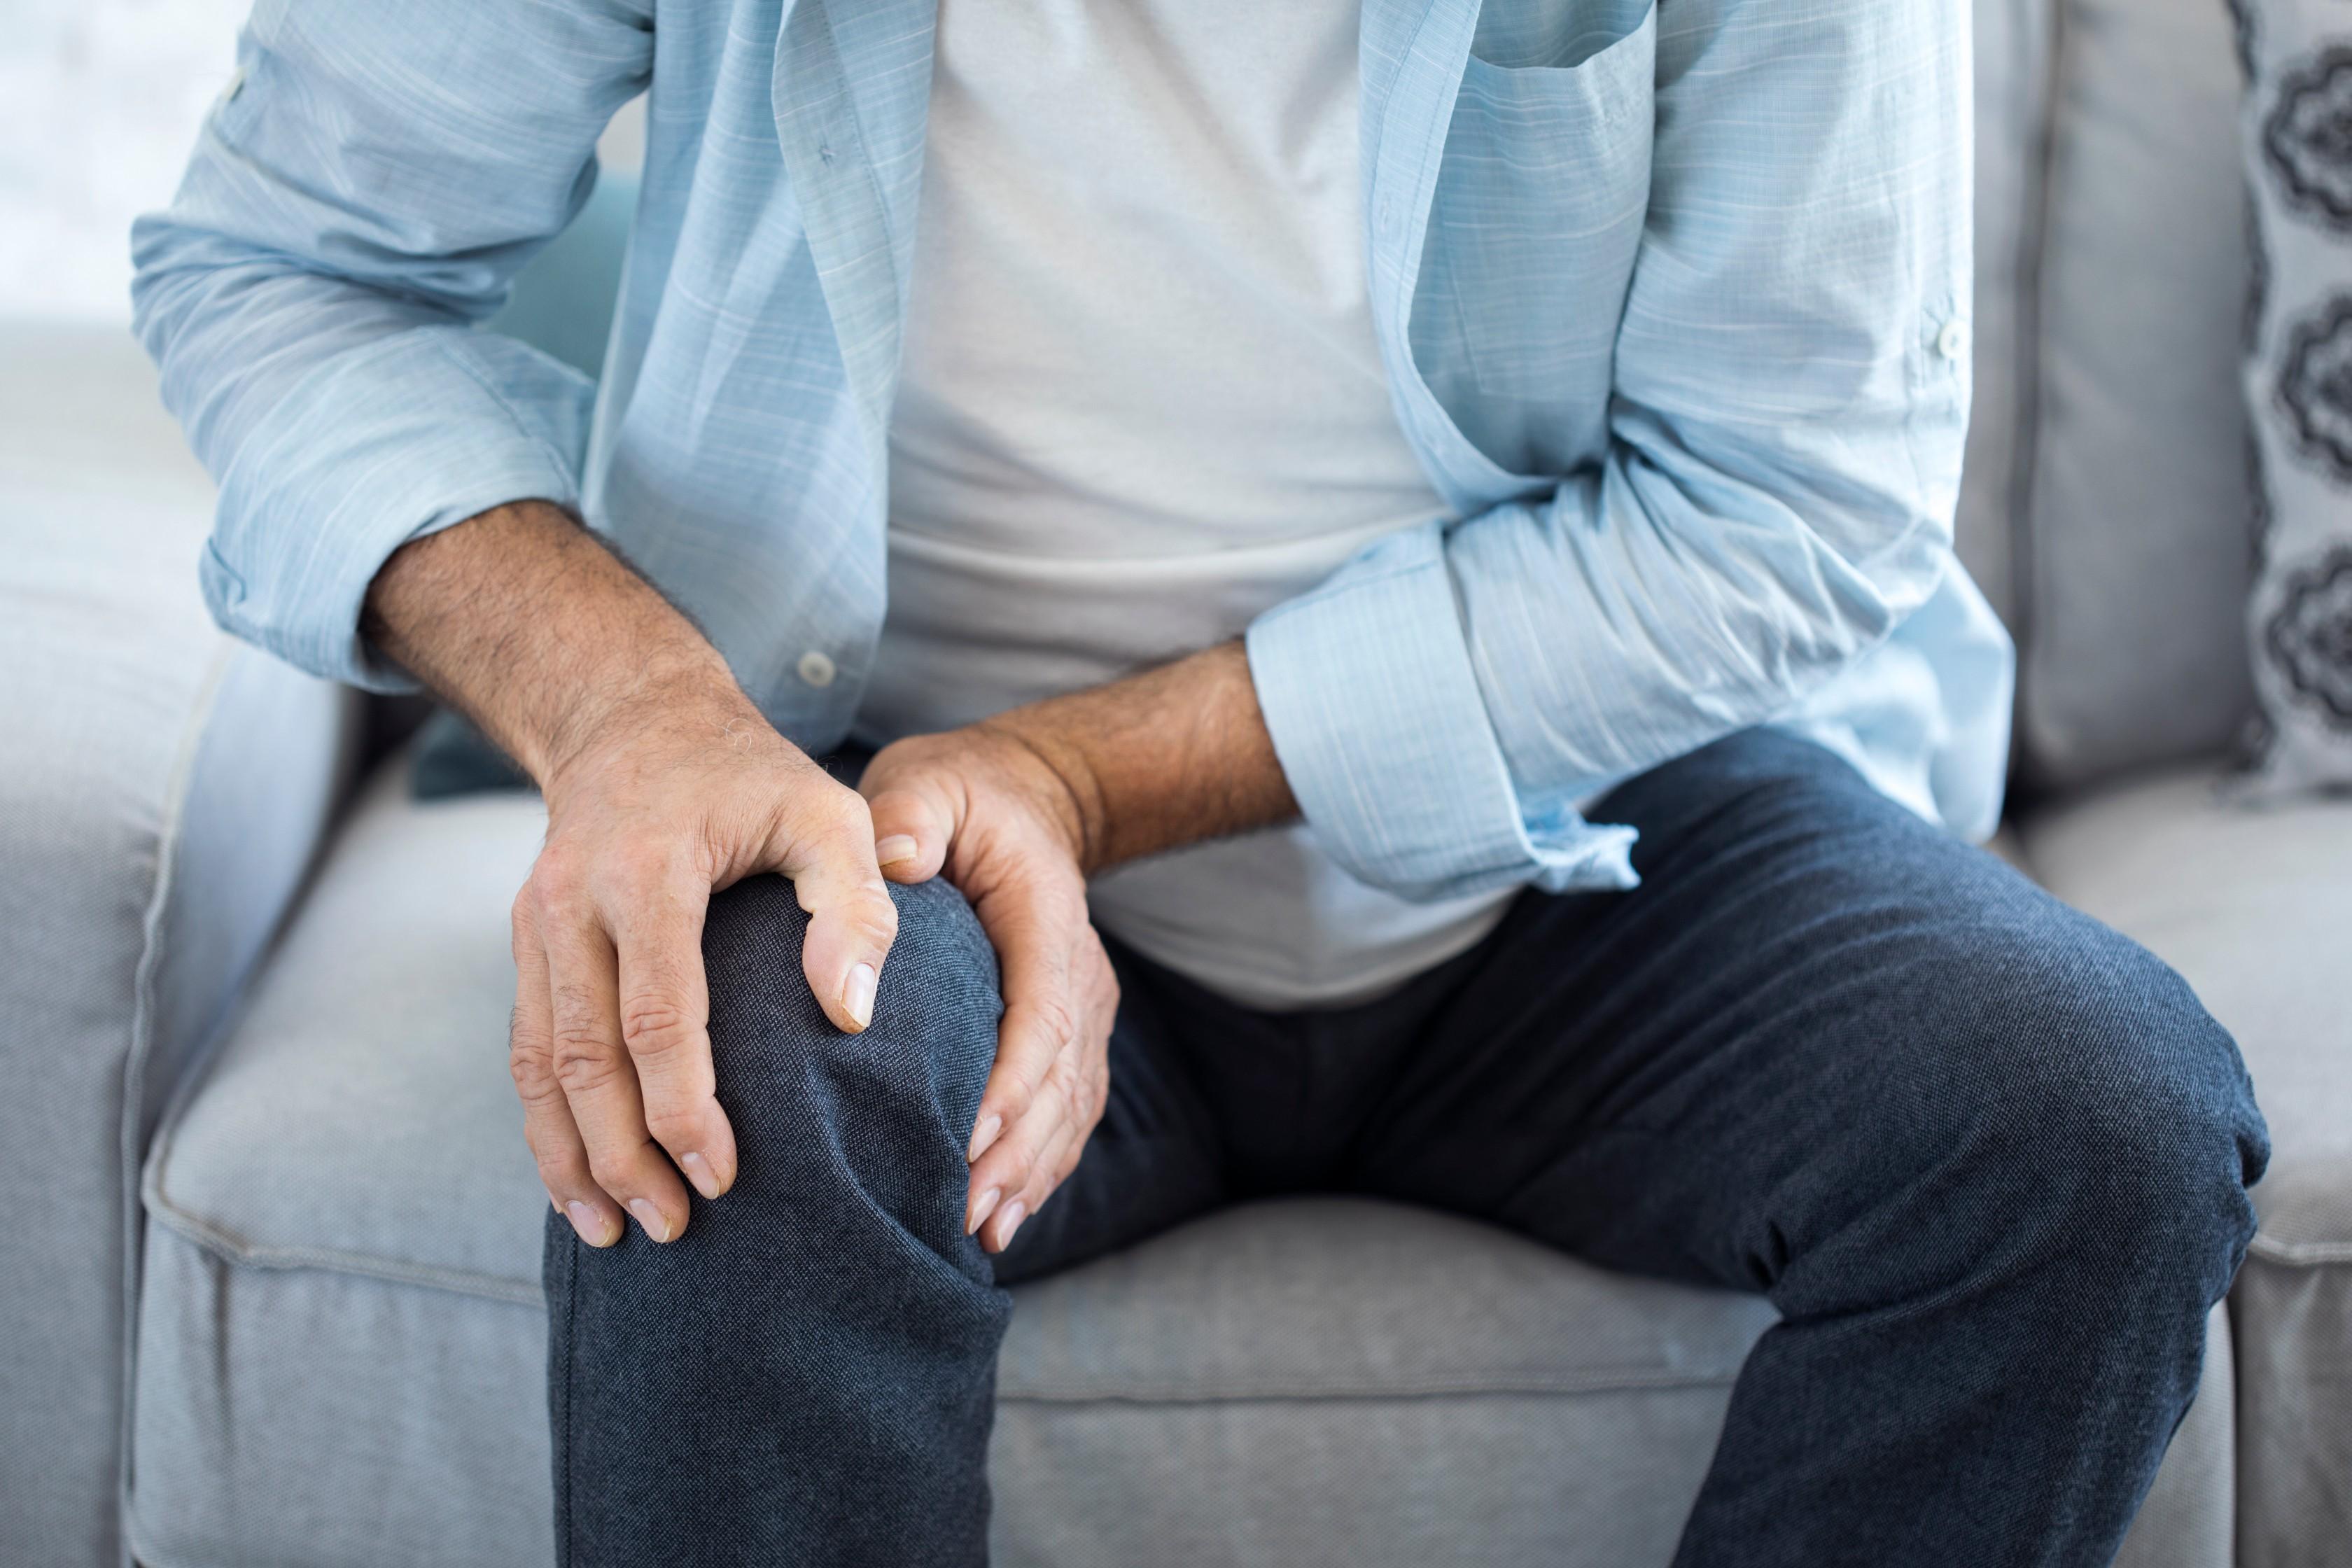 ízületi fájdalmak kezelésére használható termék